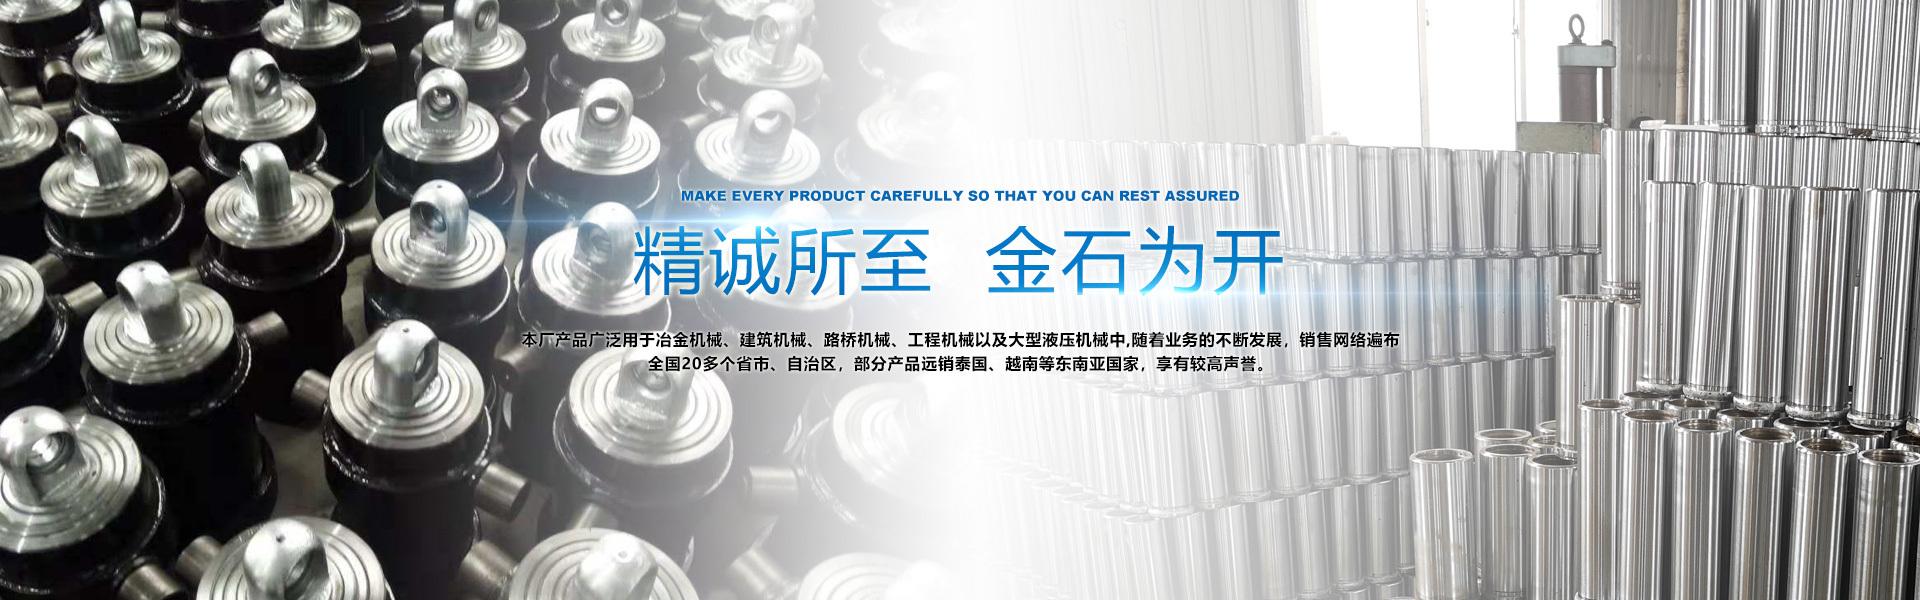 油缸生产厂家|山东液压油缸|山东油缸厂家-沂南县金鼎机械有限公司